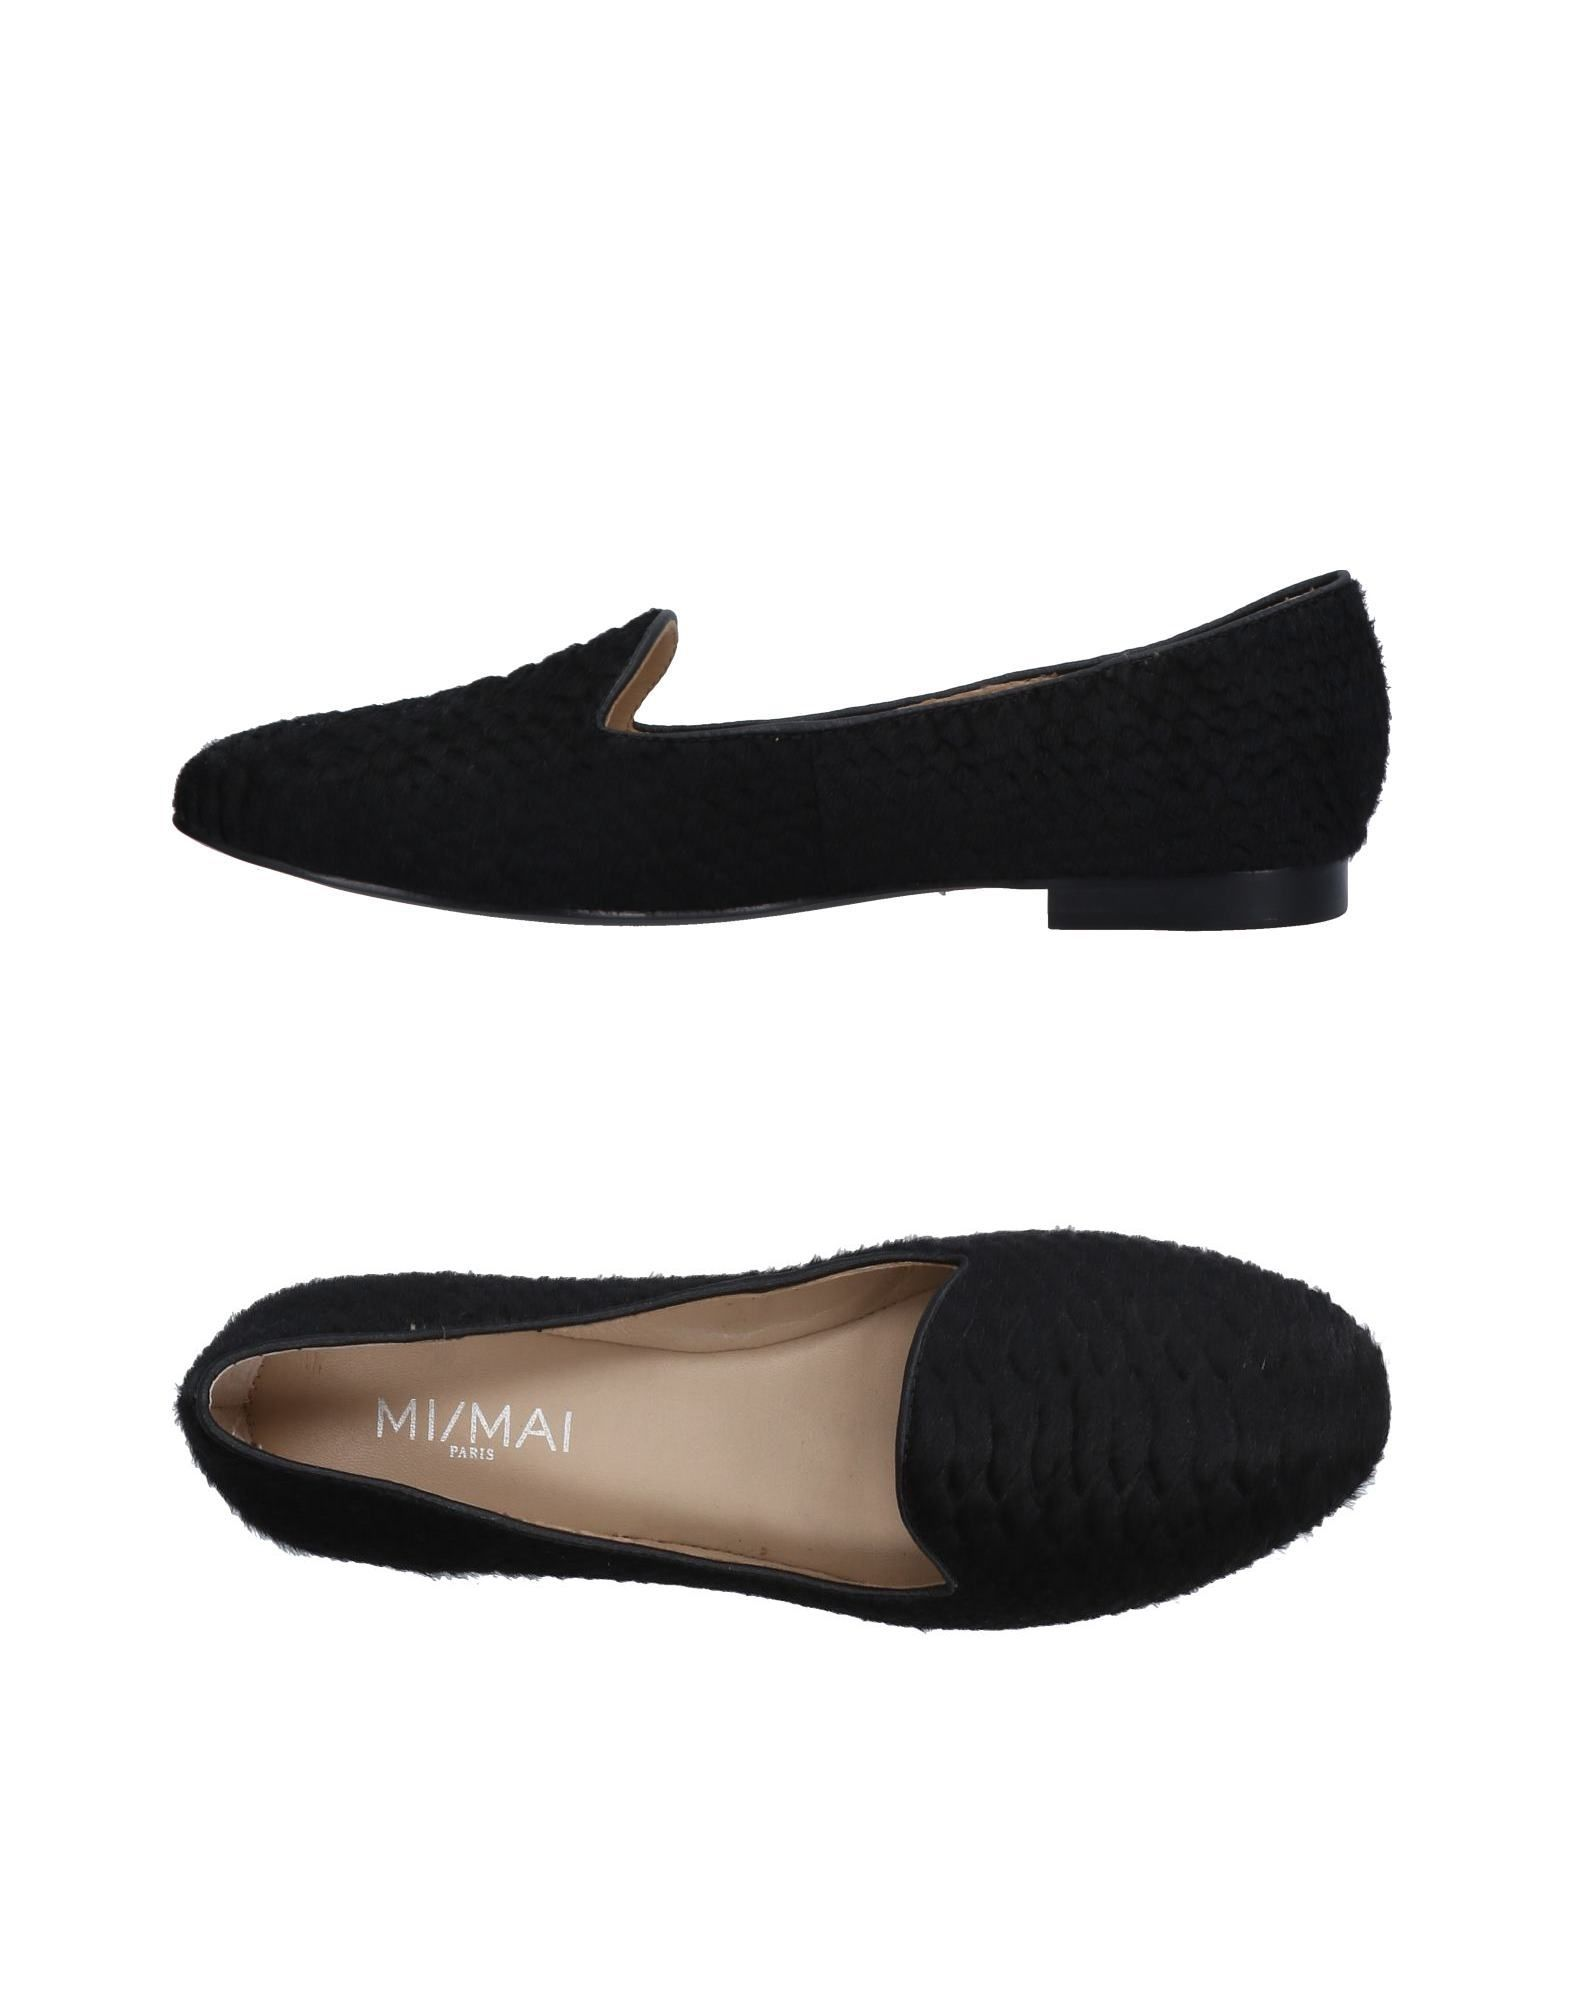 Mi/Mai Mokassins Damen  11506040MB Gute Qualität beliebte Schuhe